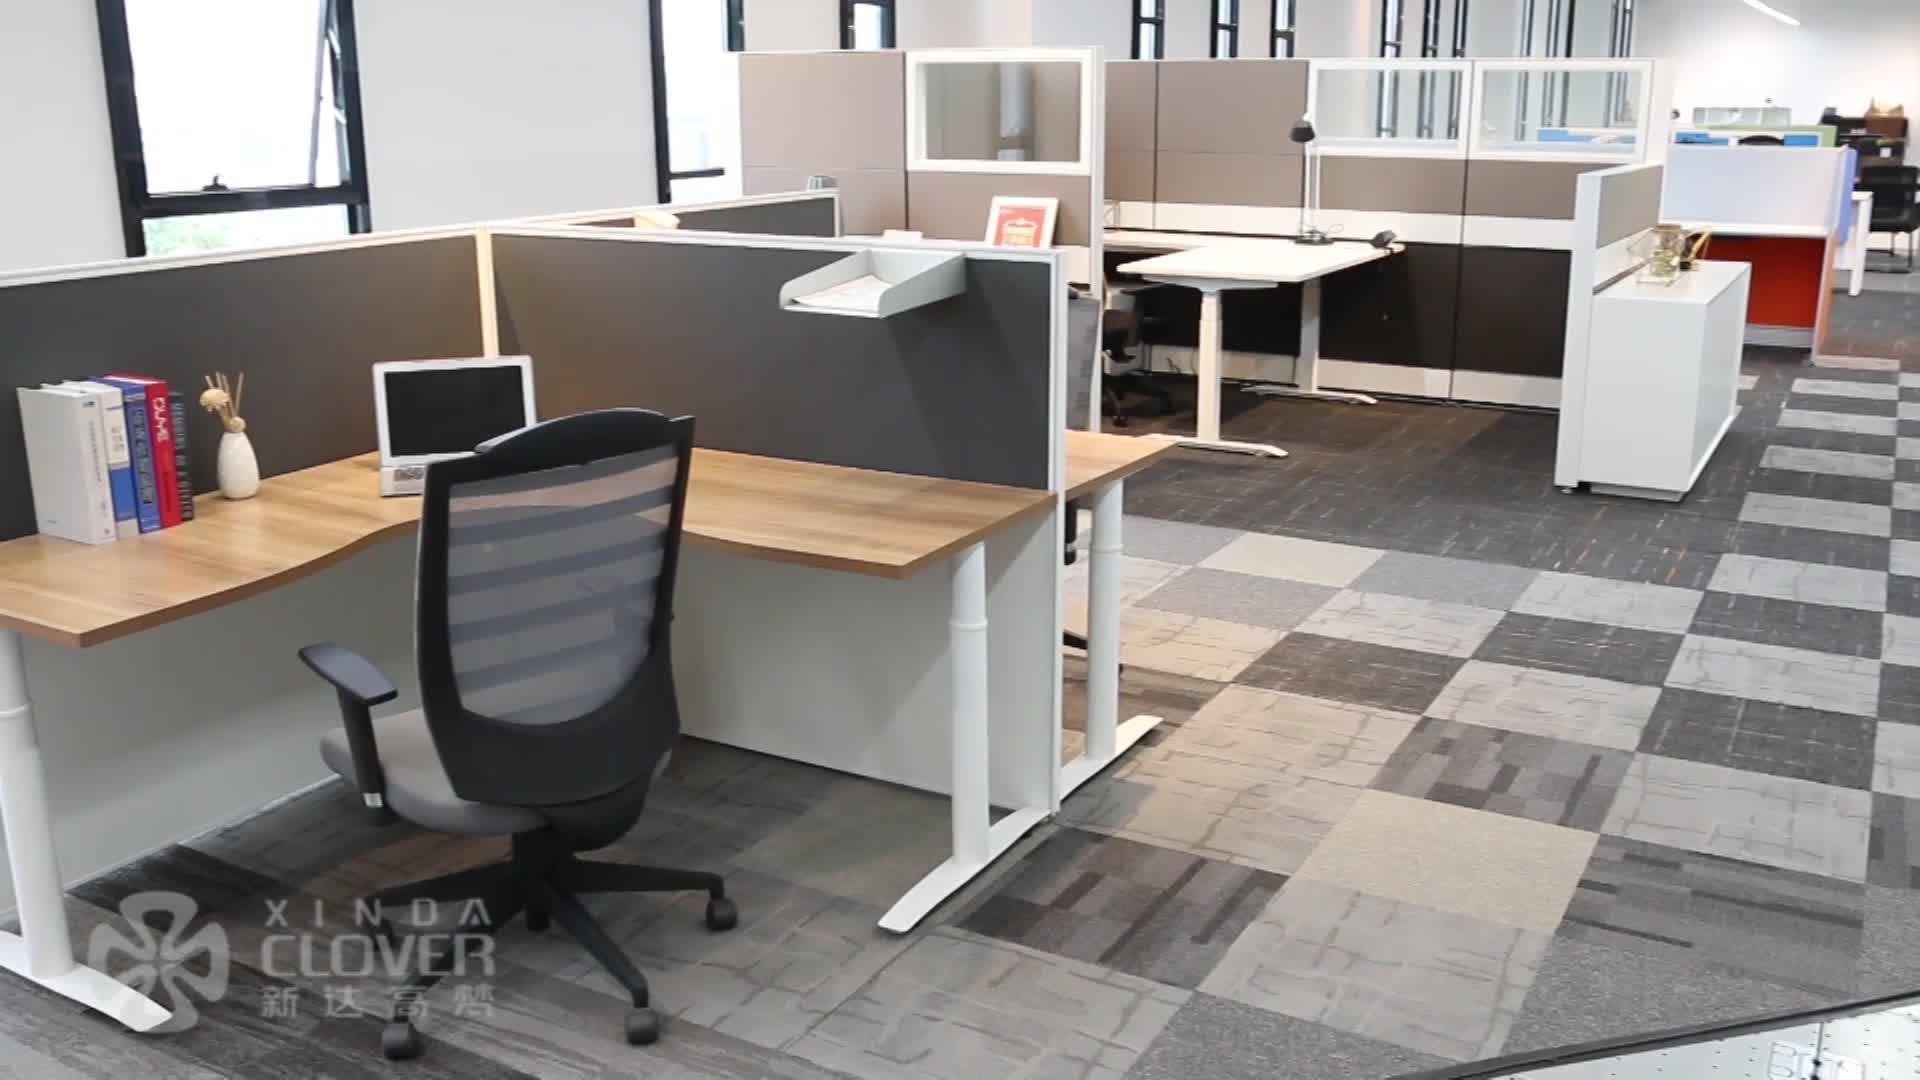 Personalizado T3 serie utilizada 32mm de espesor de aluminio particiones modulares de un solo lado Oficina cubículo 2 Persona de estación de trabajo